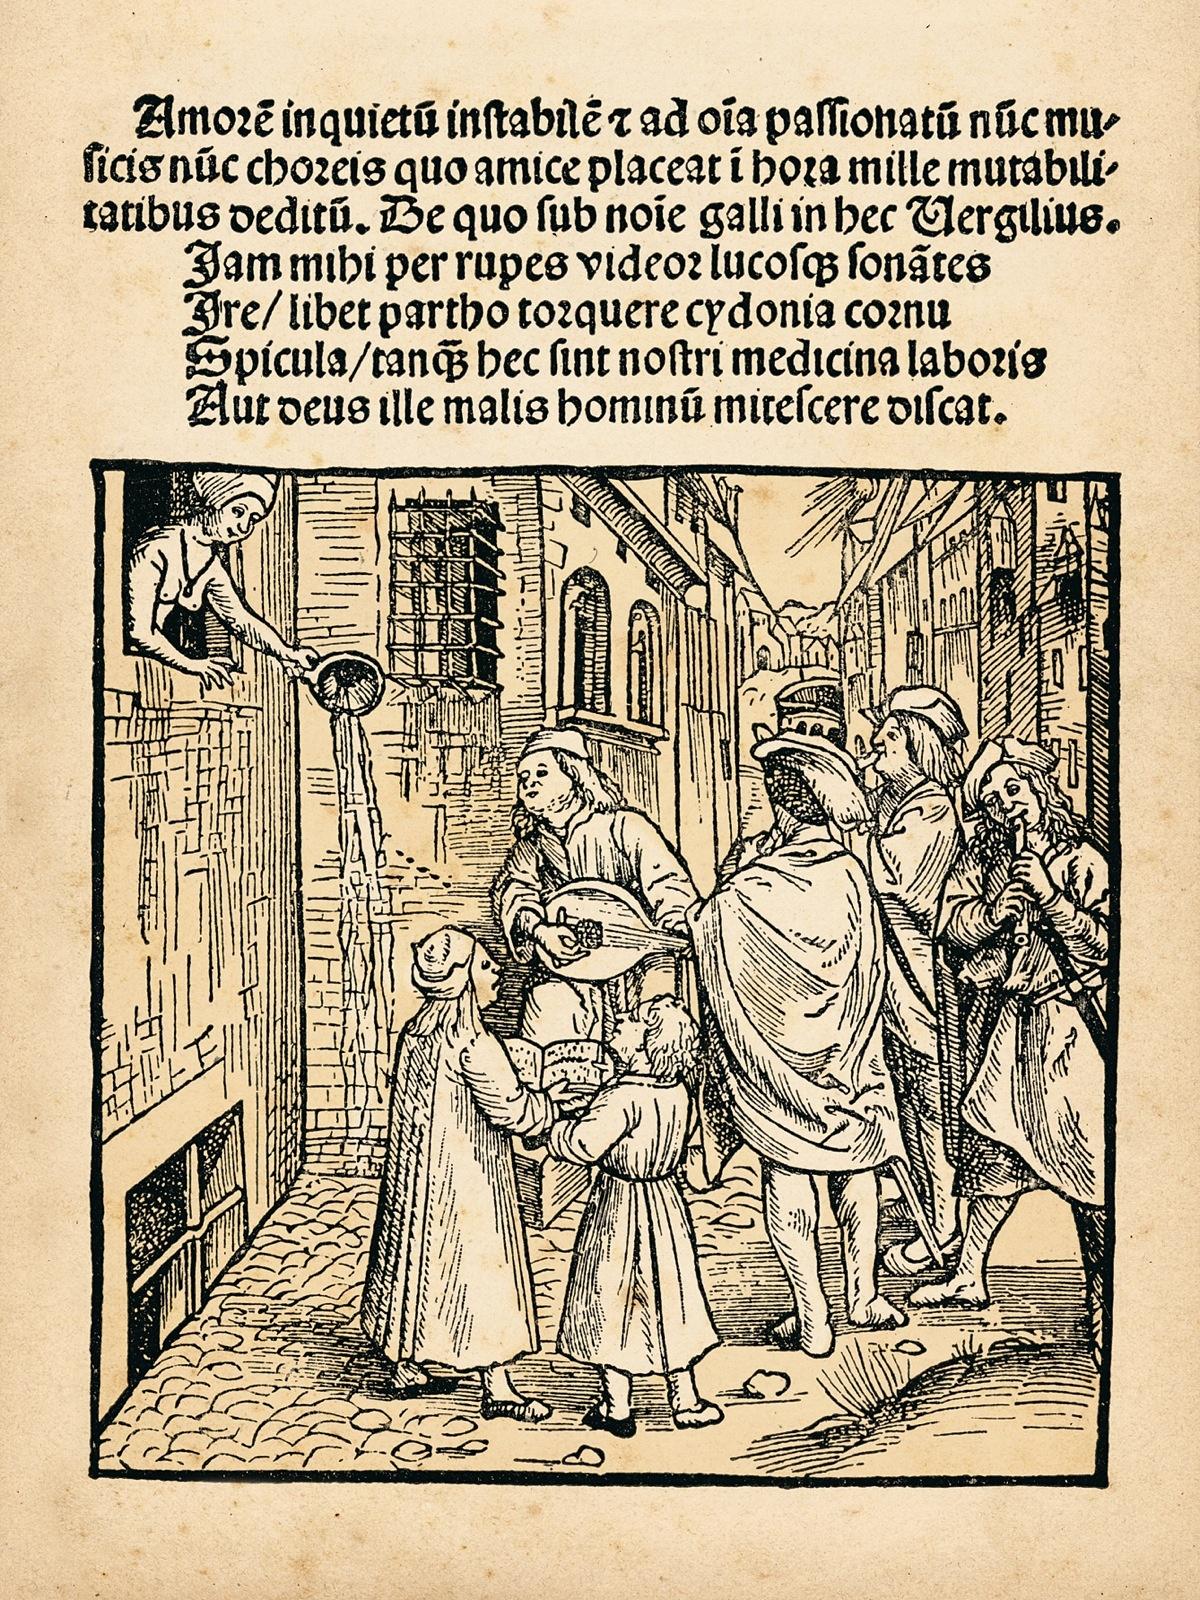 anécdotas medievales y Archivos curiosidades - PillolediStoria.it ...